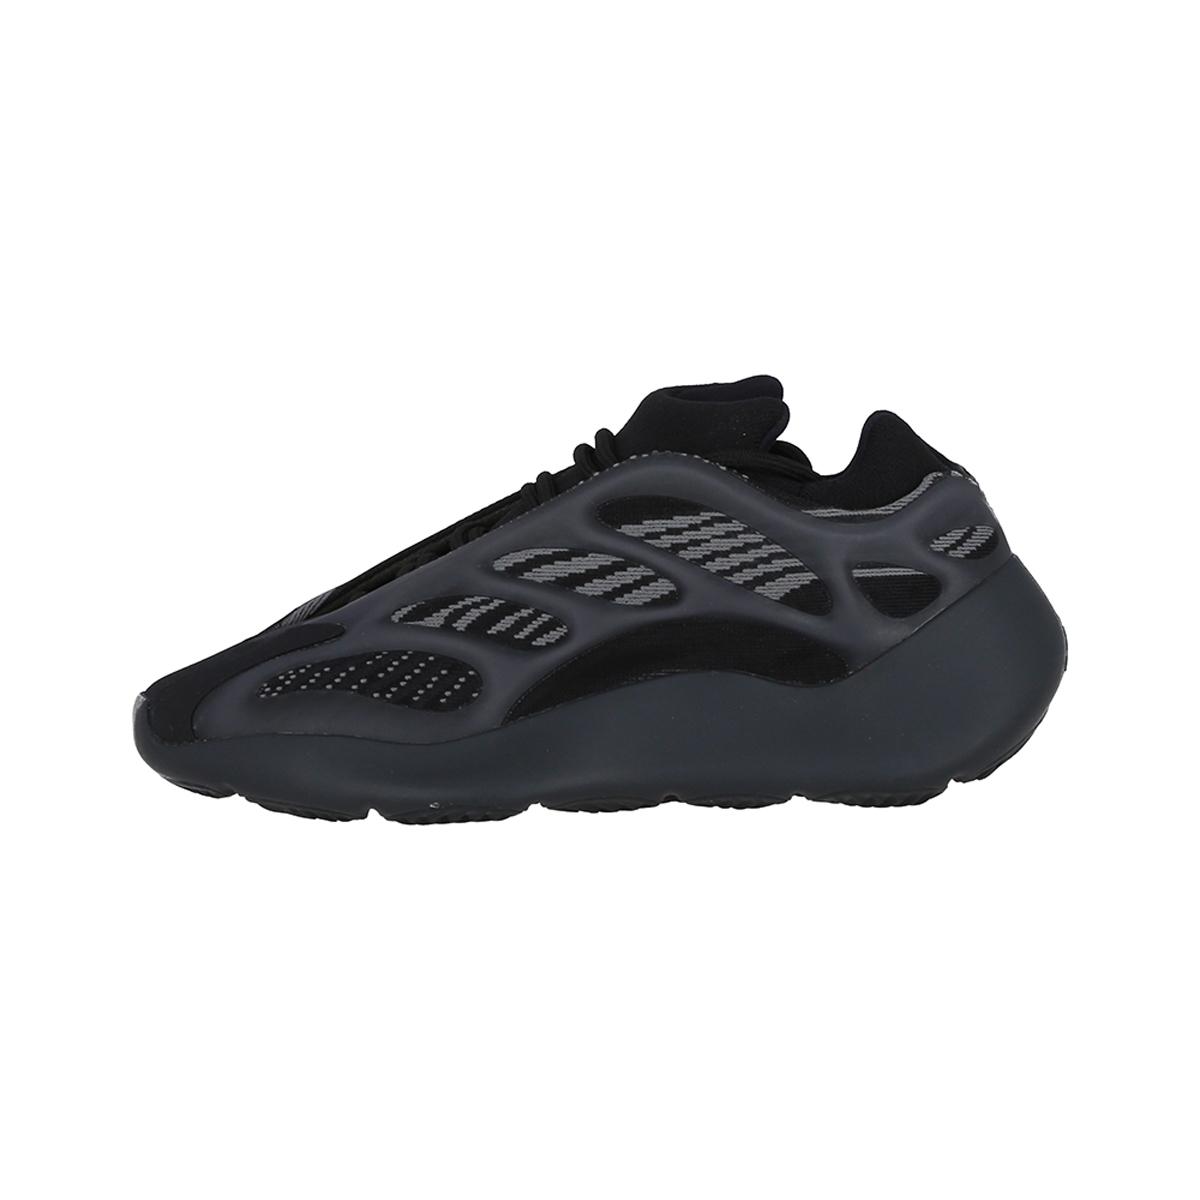 diseños atractivos buena textura baratas para la venta Zapatilla Adidas Yeezy 700 V3 Alvah Black   Adidas Originals ...